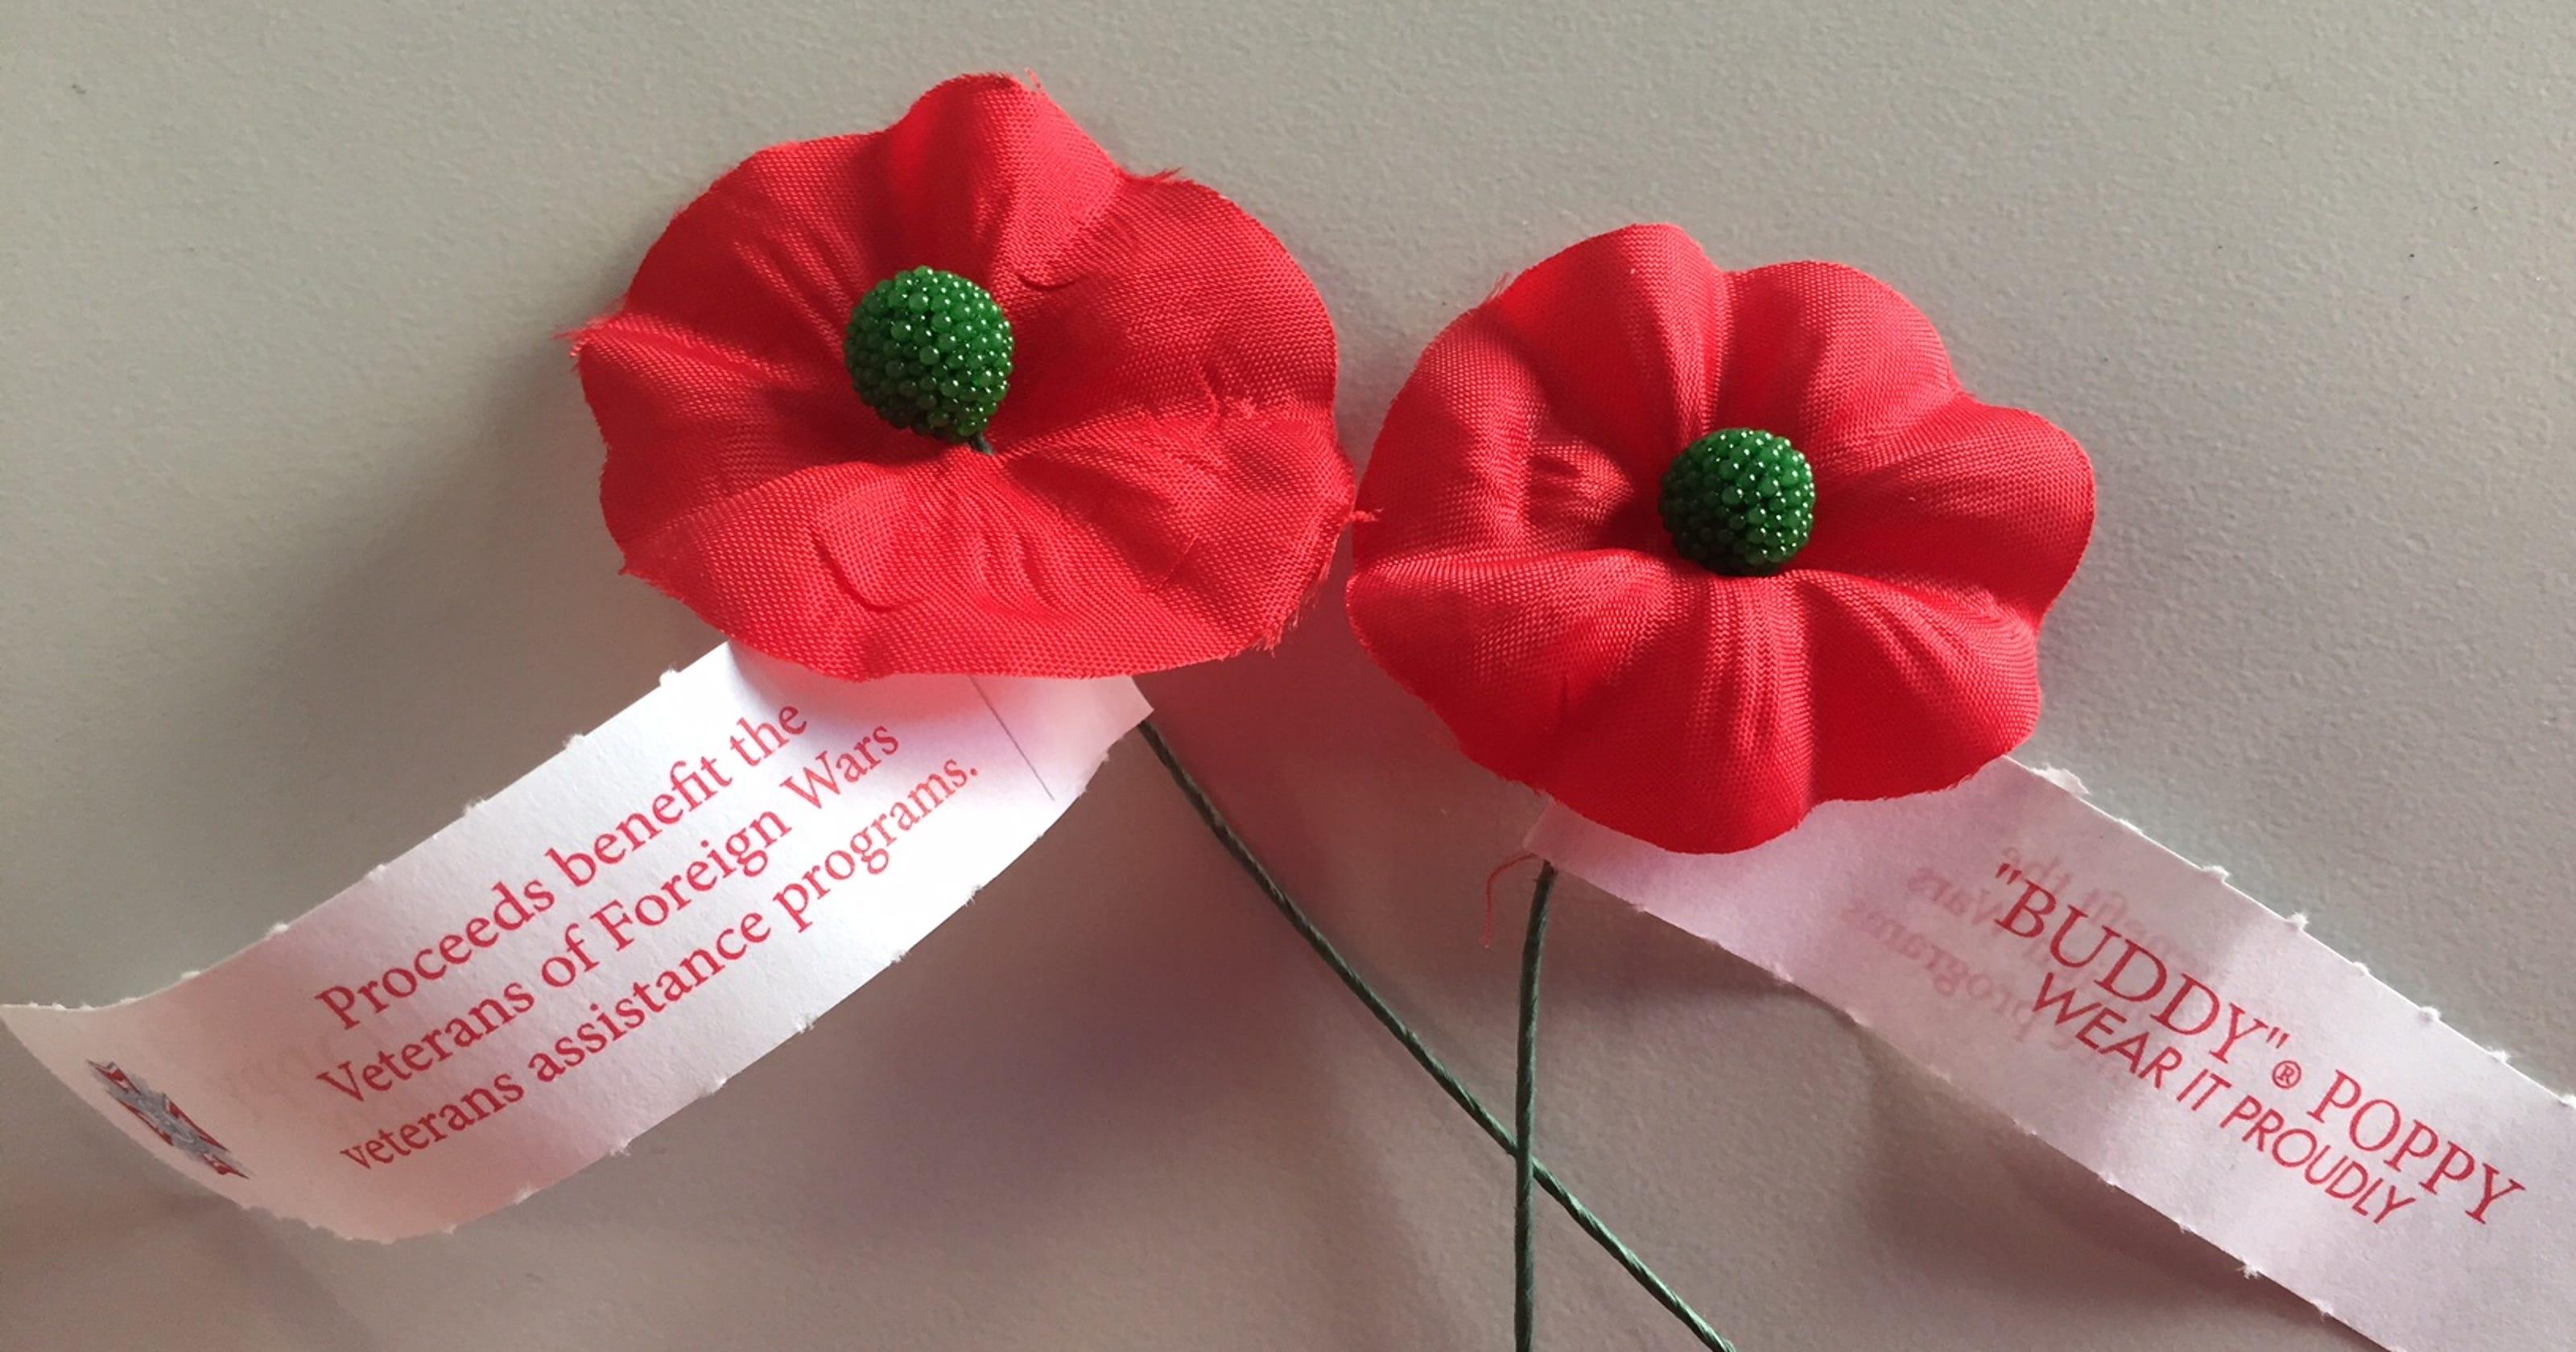 Memorial Day poppies, donations stolen from VFW volunteer